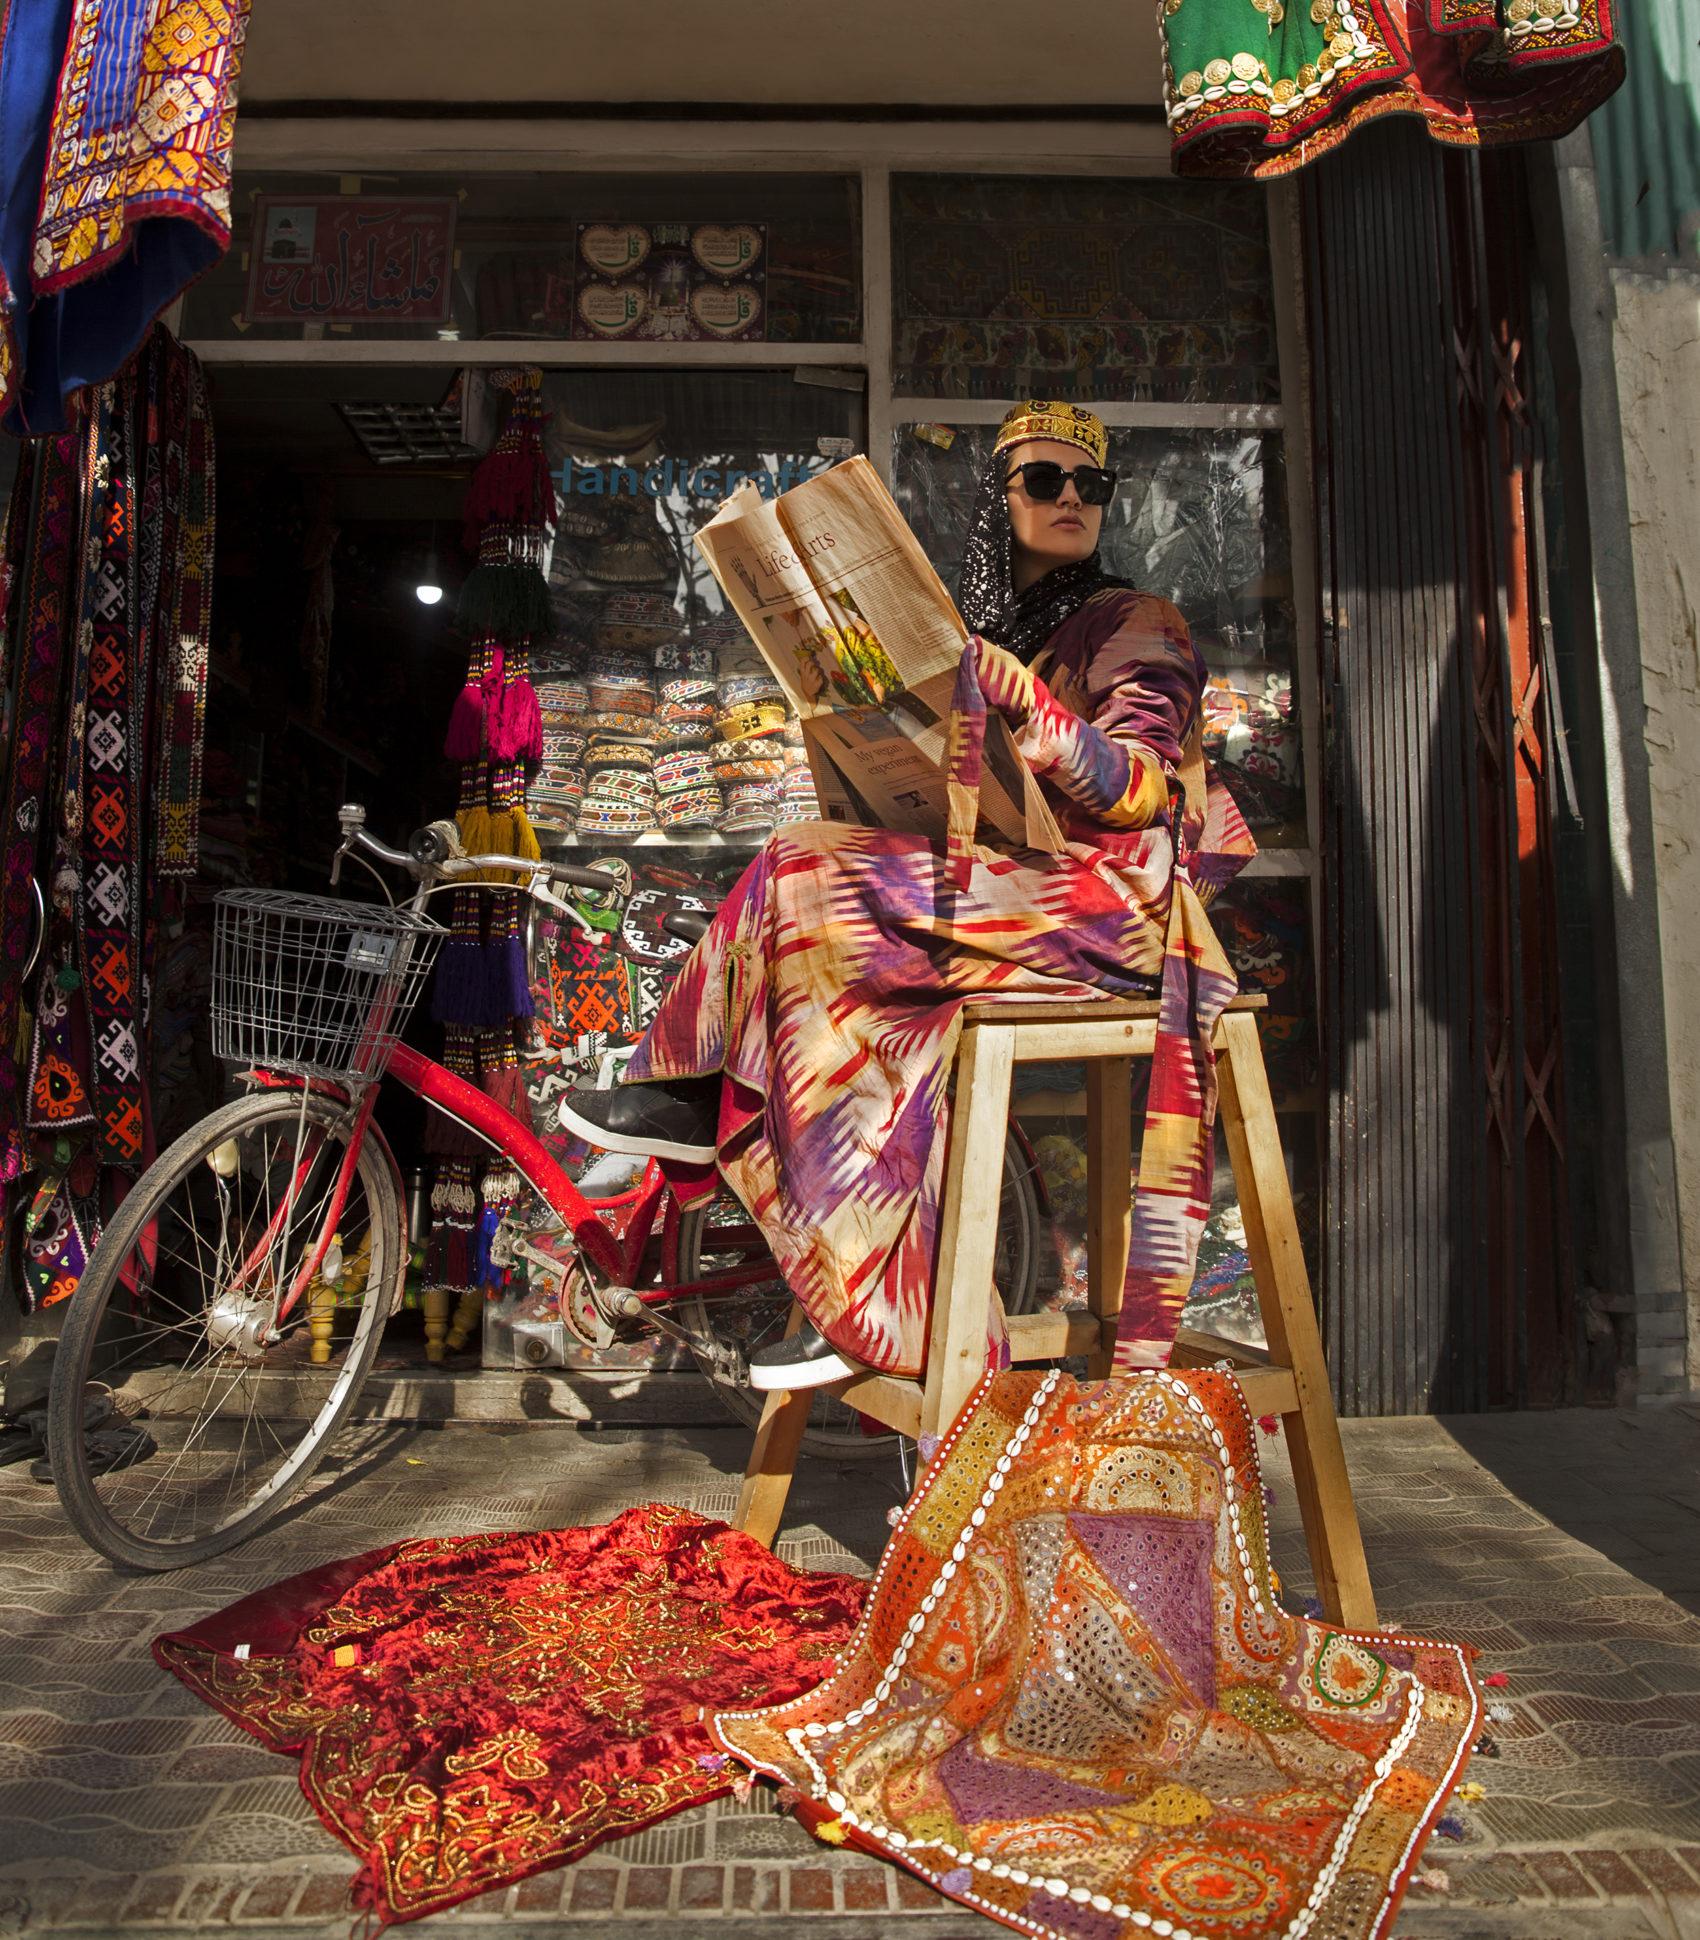 Del i konstnären Fatimah Hosseinis fotoserie Pearl in Oyster.